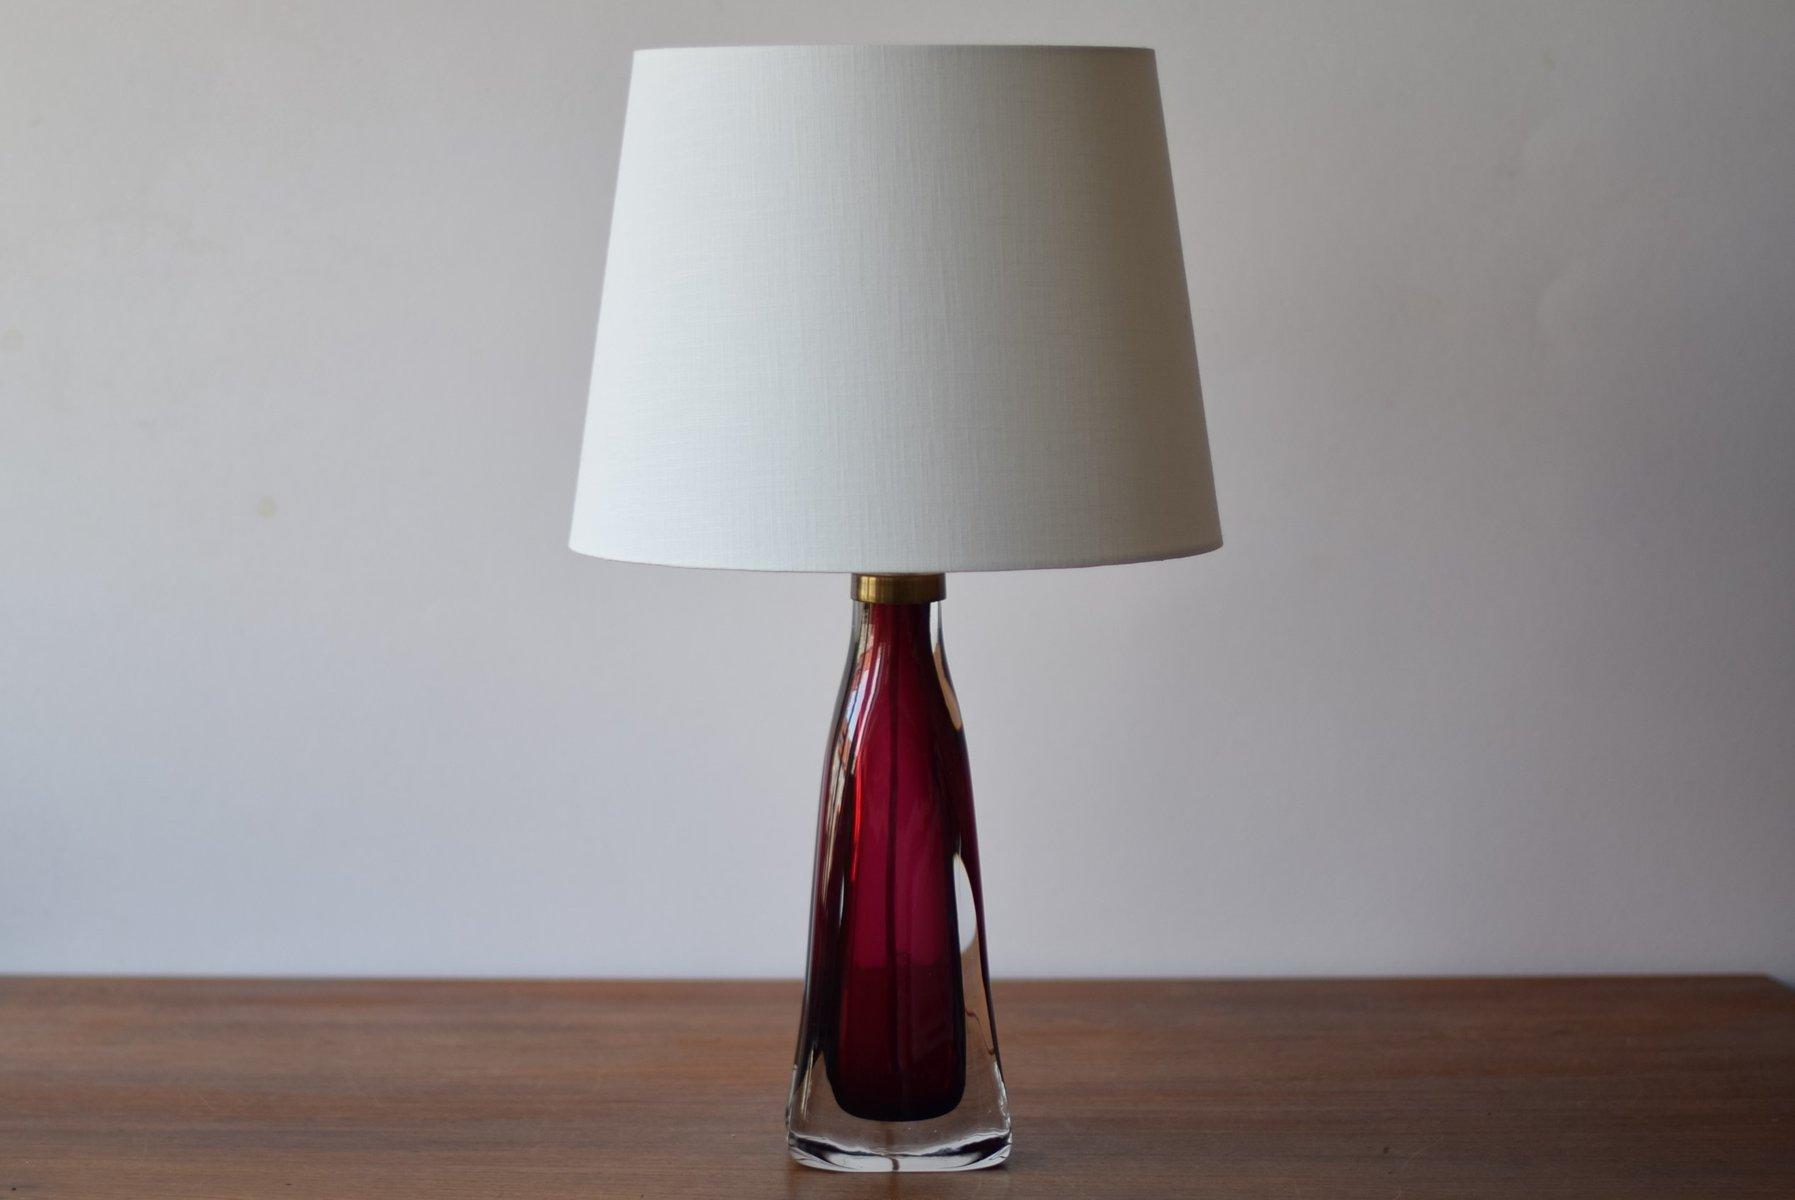 Kristal Lampen Amsterdam : Lampen esszimmer in gold − jetzt bis zu − stylight